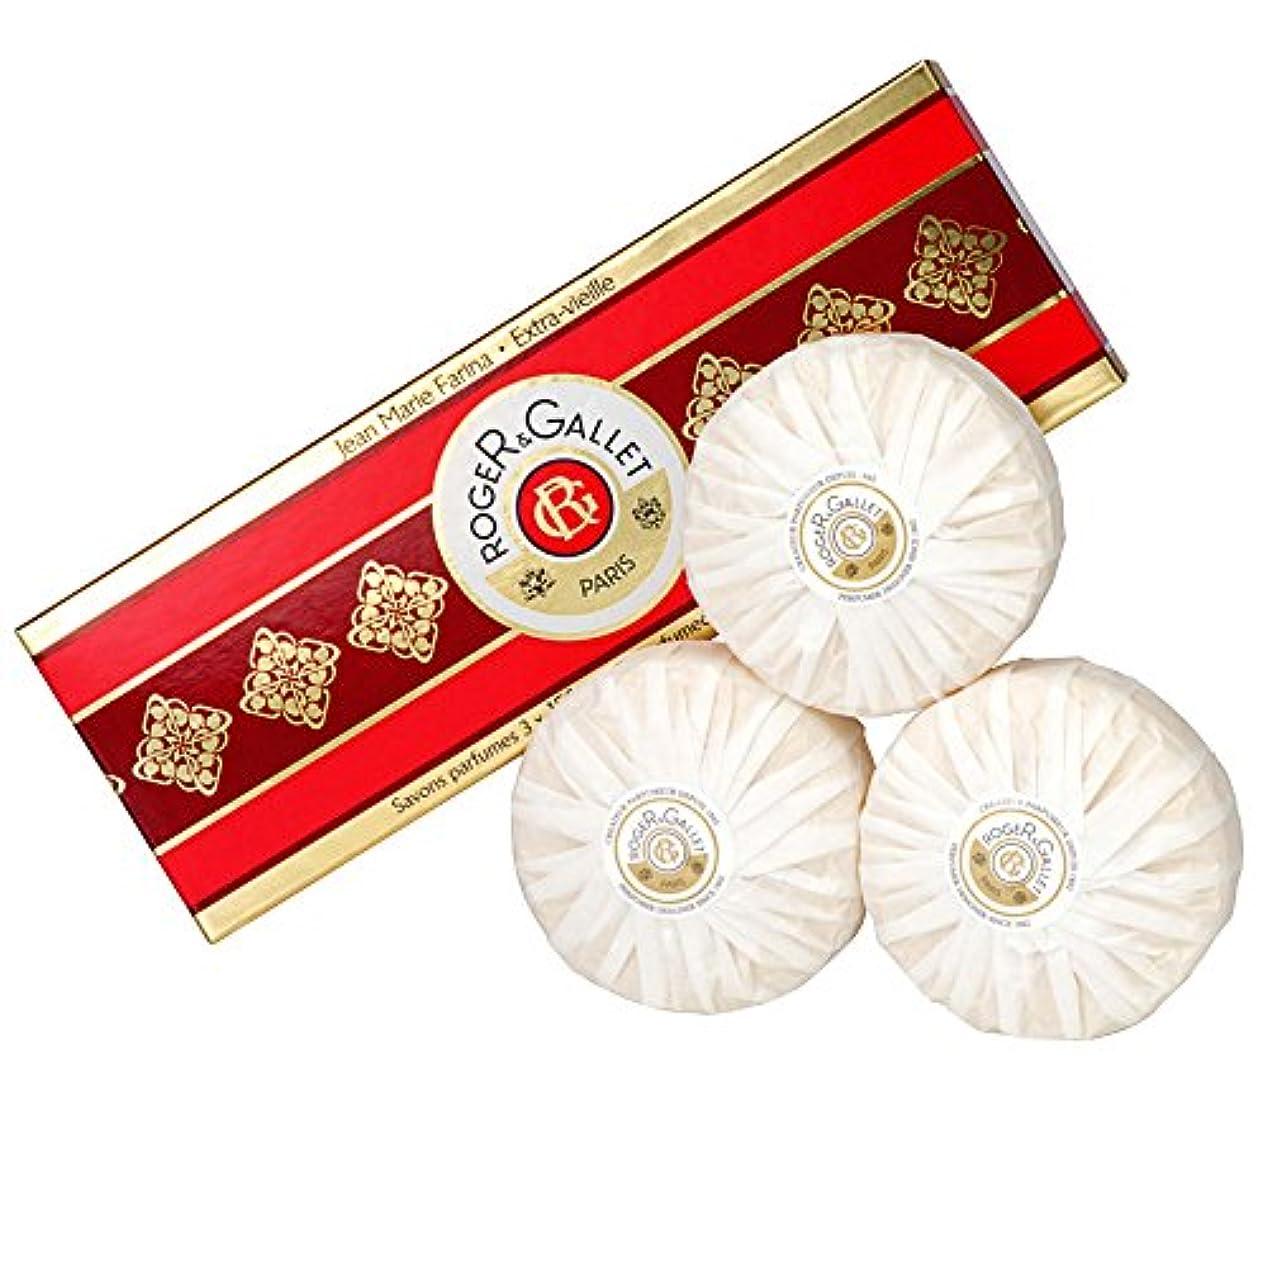 農業の持続的クロールロジャー&Galletのジーンズマリーファリナ石鹸は、3つのX 100グラムを設定しました (Roger & Gallet) (x2) - Roger & Gallet Jean Marie Farina Soap Set...